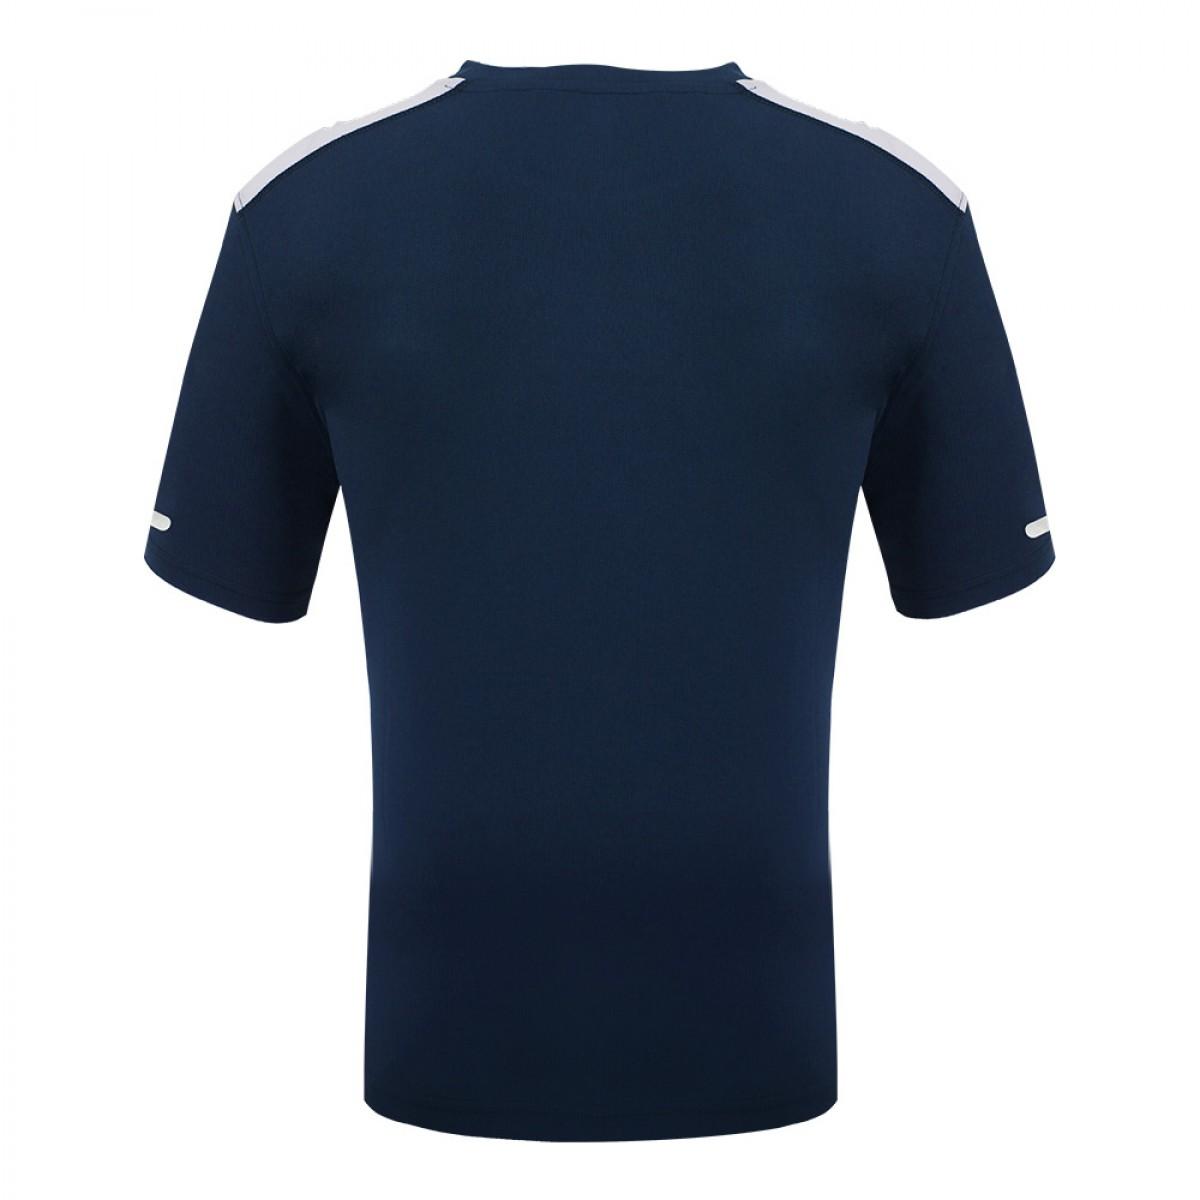 men-knitted-round-neck-t-shirt-kkrt15966-5a